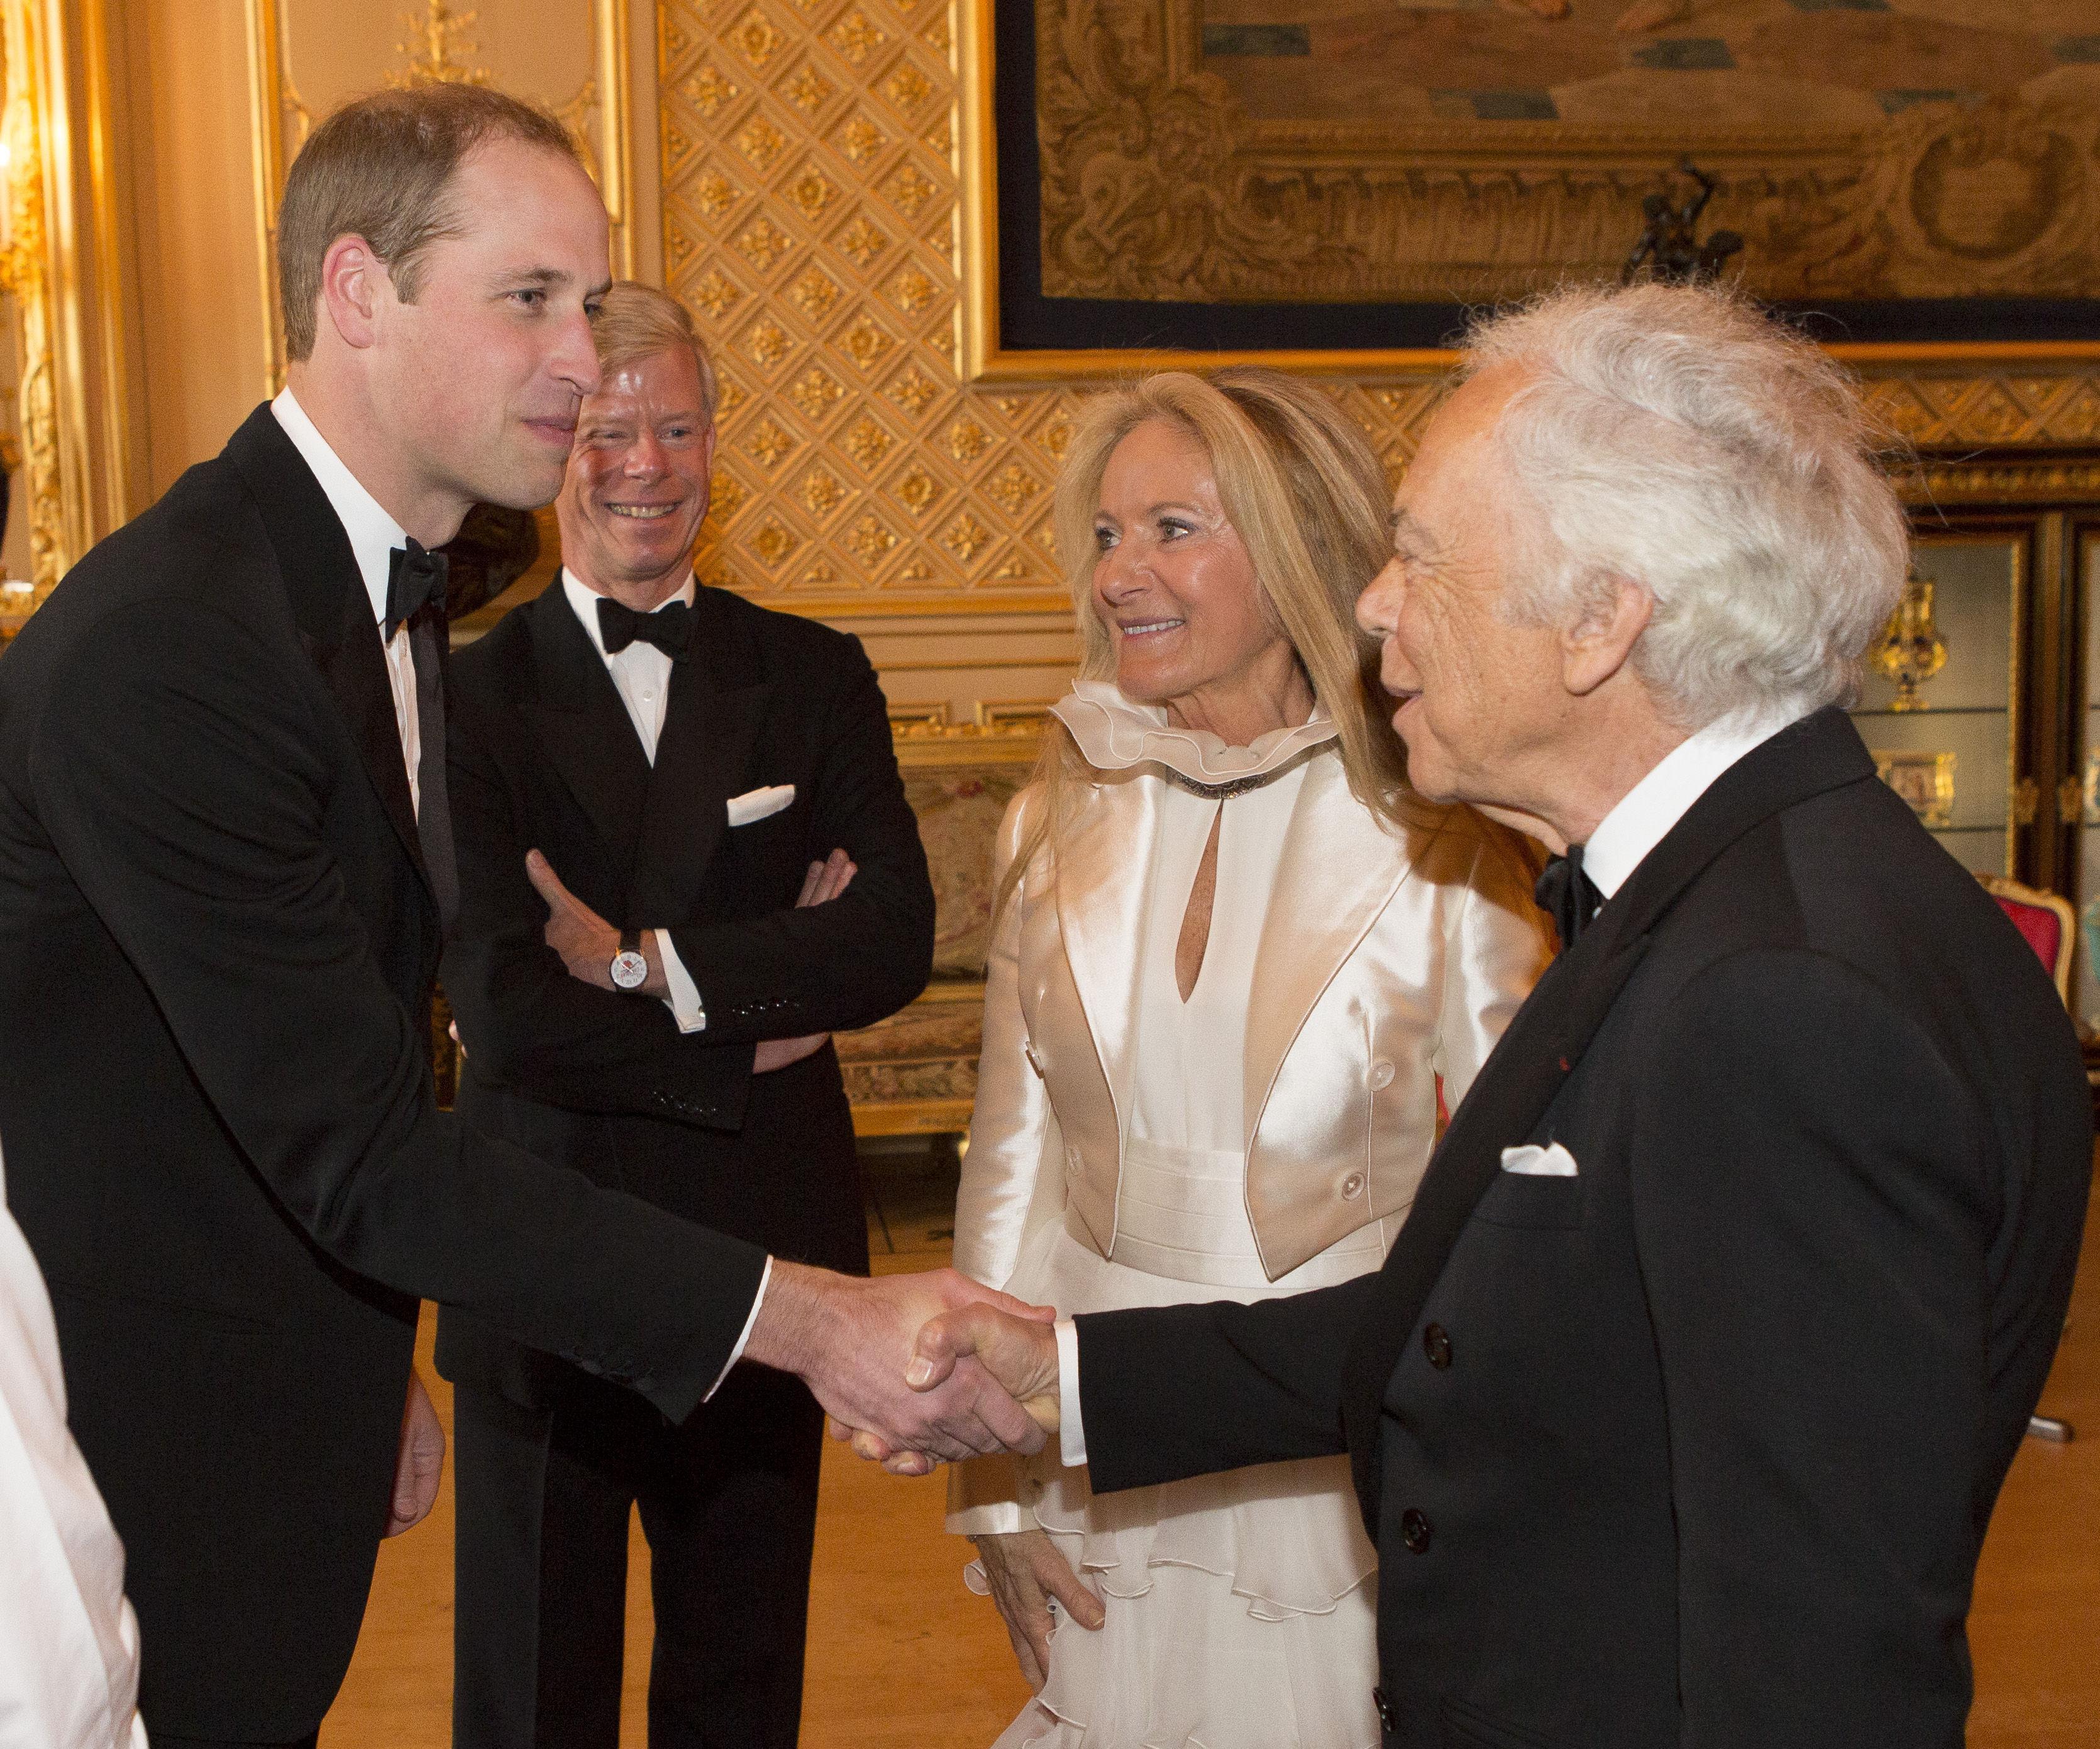 Дизайнер Ральф Лорен с женой познакомился с принцем Уильямом